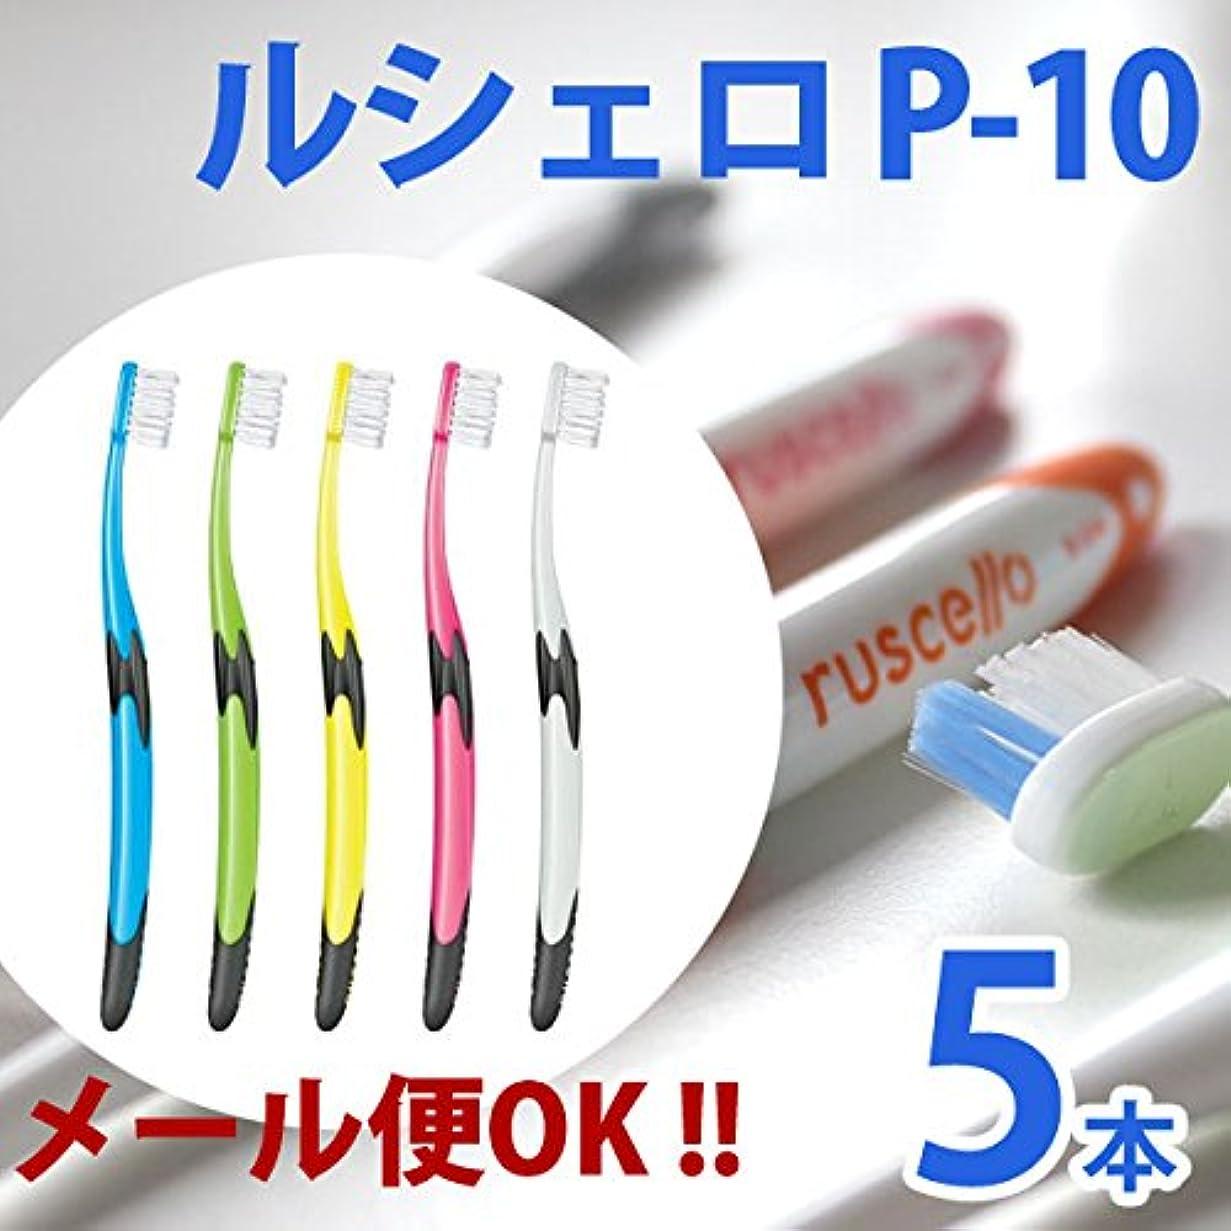 インサートバッフルクレタルシェロ GCシェロ 歯ブラシP-10 5色アソート 5本セット 歯周疾患の方向け。極細のテーパー毛が Sやわらかめ